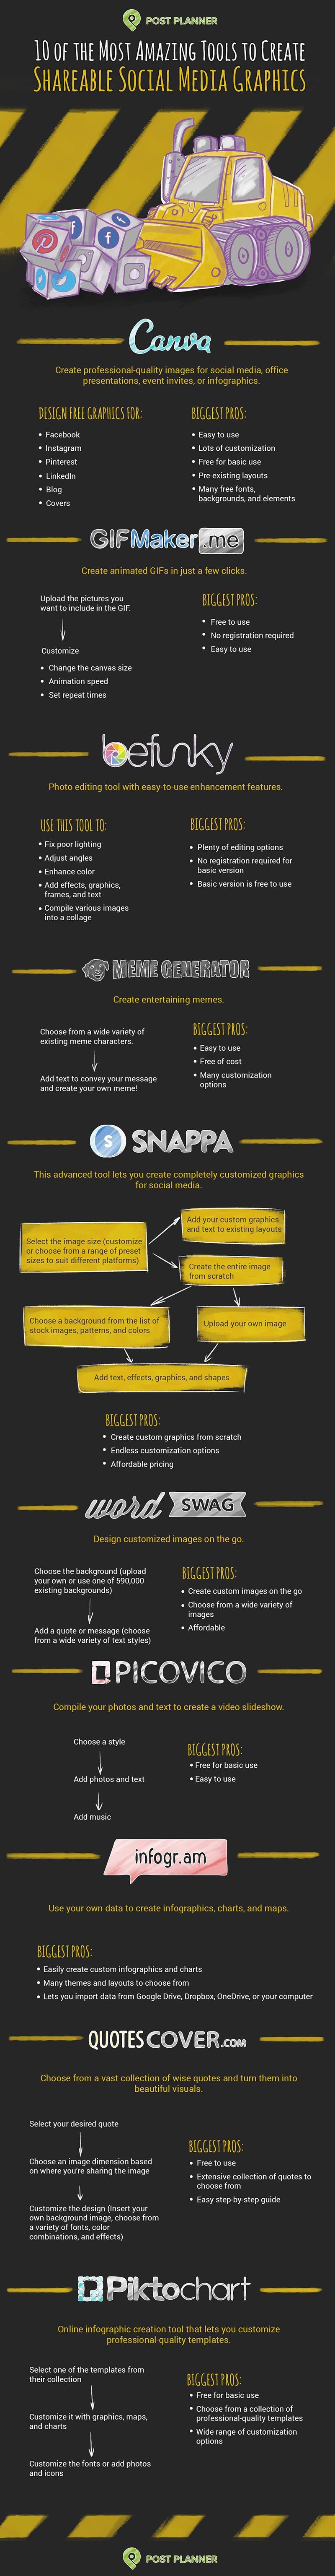 Social media graphics tools